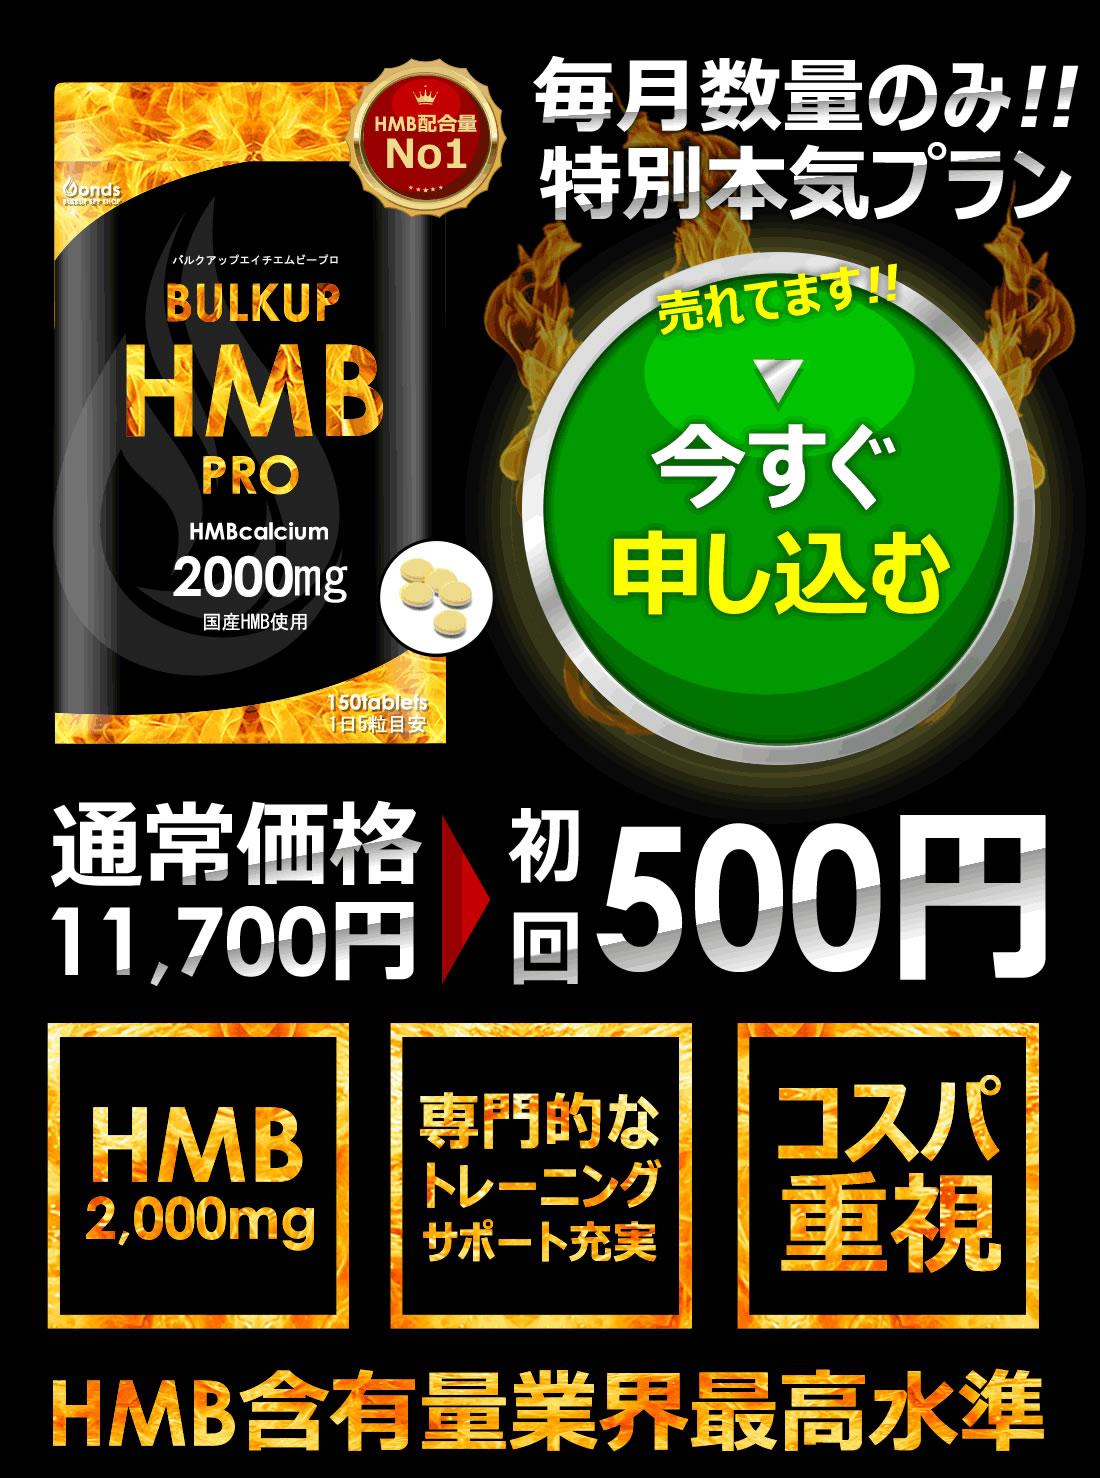 HMB製品は品質とコスパで選ぶべき